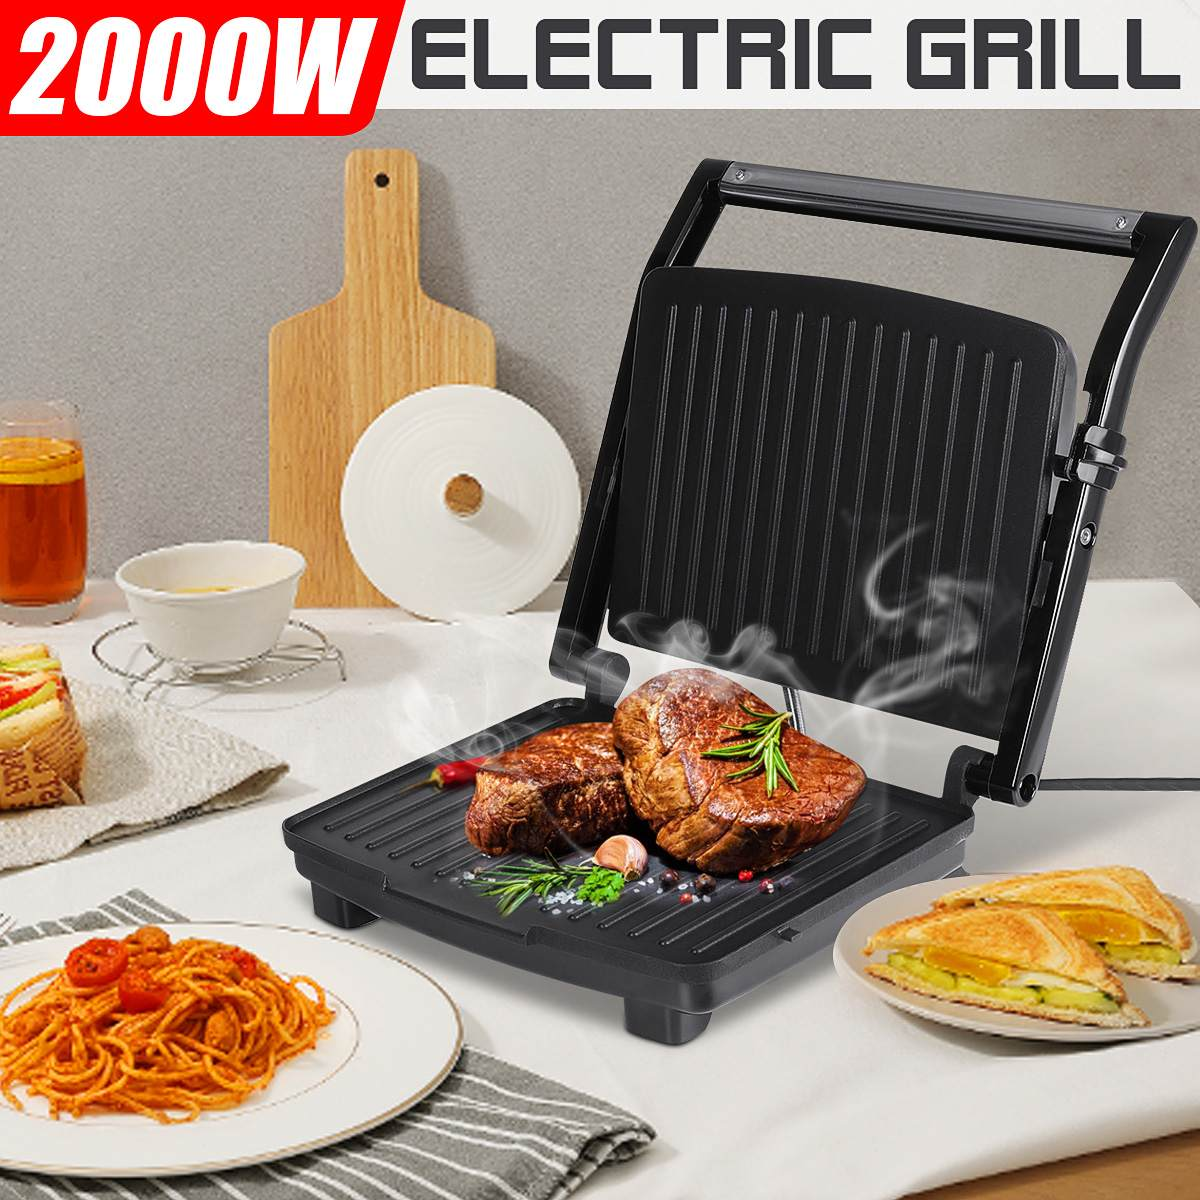 شواية 2000 وات شواية كهربائية مشاوي مشاوي مطبخ آلة للشواء لوحة غير لاصقة دخاني على الوجهين صانع فطيرة خبز اللحوم